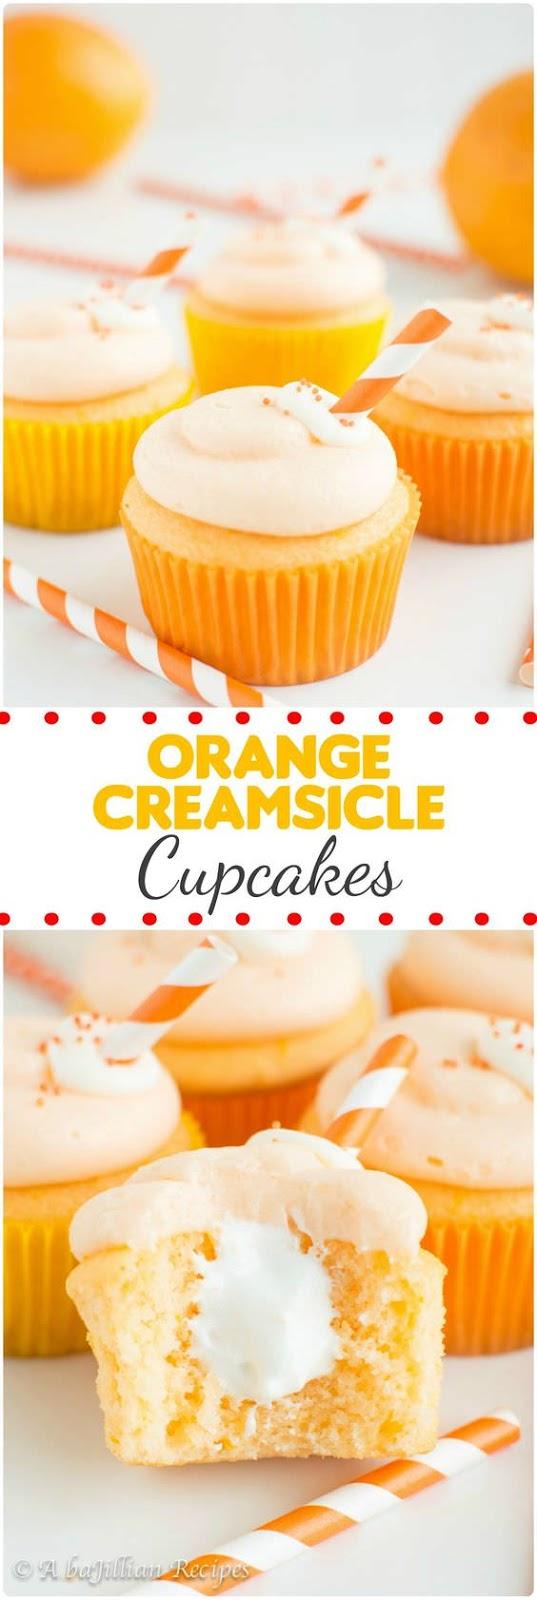 Best Orange Creamsicle Cupcakes Recipe | Dessert Recipes Easy, Dessert Recipes Healthy, Dessert Recipes For A Crowd, Dessert Recipes Cupcakes, Dessert Recipes Simple, Dessert Recipes Best, #cupcakes #dessert #dessertrecipe #cupcakesrecipe #creamsicle